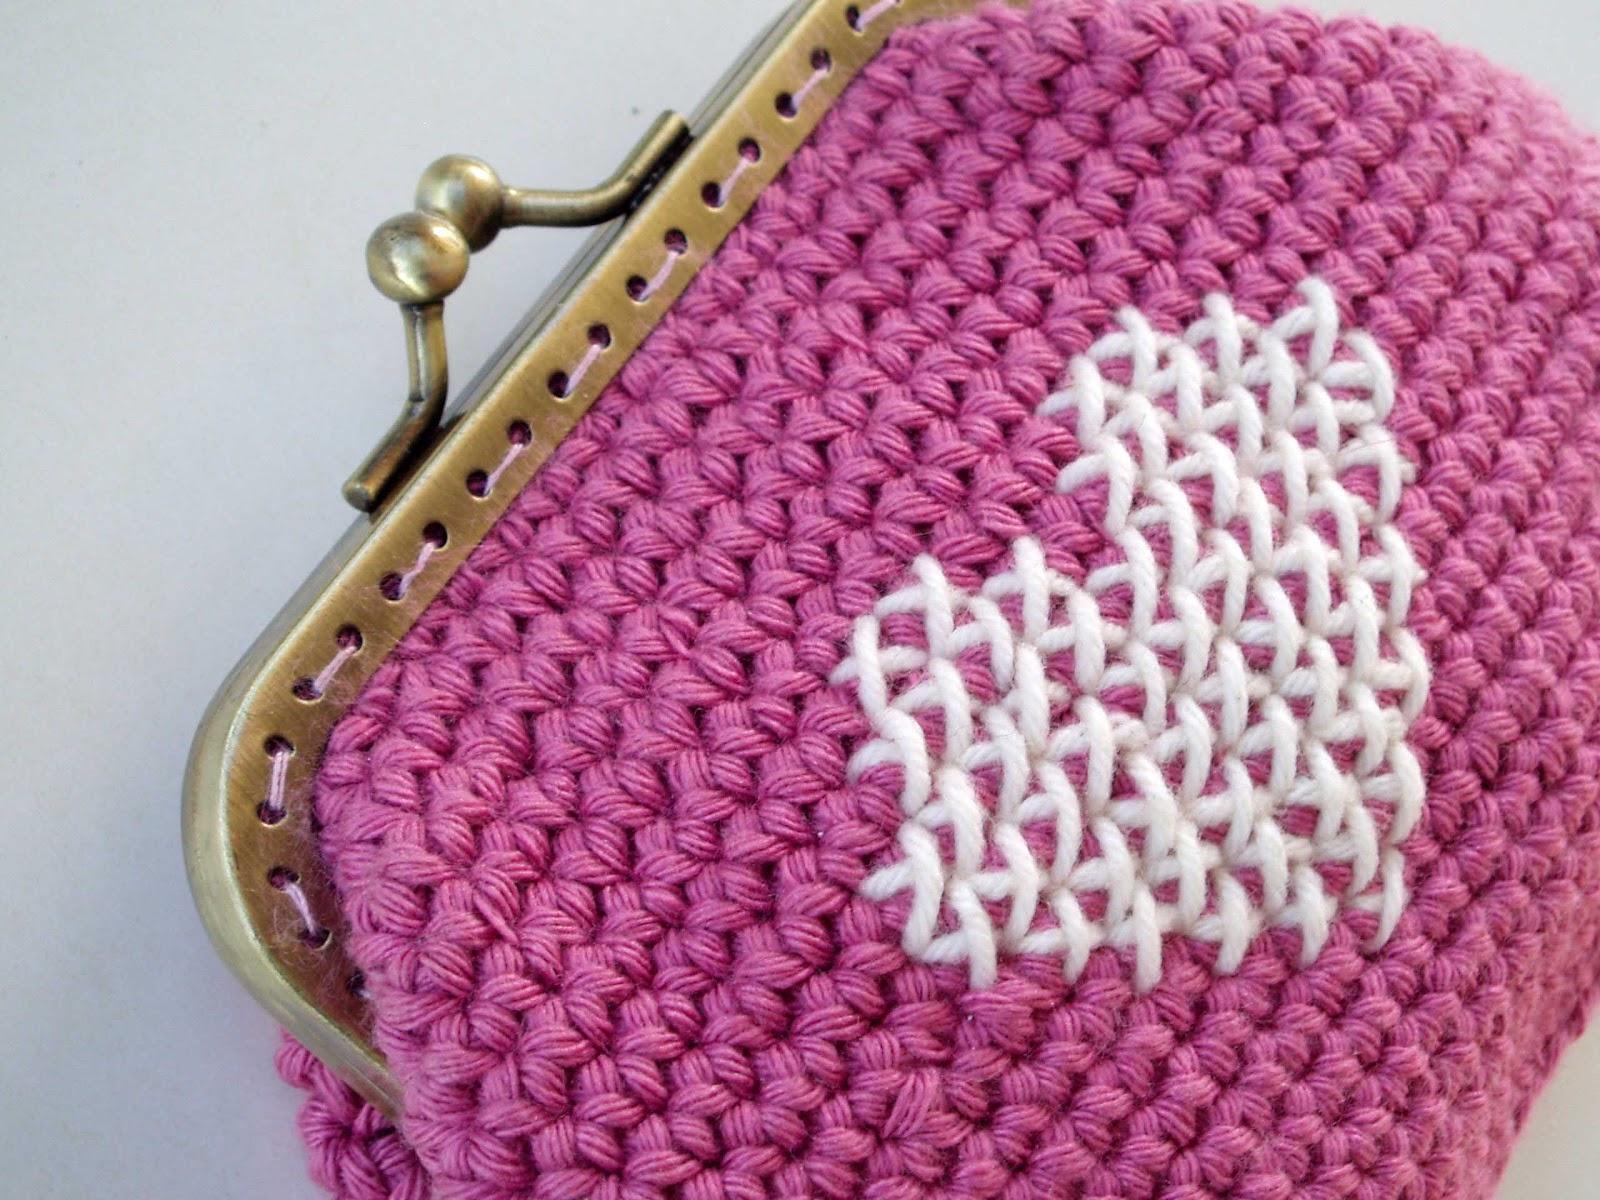 Monedero con boquilla espacio crochet for Monedero ganchillo boquilla ovalada